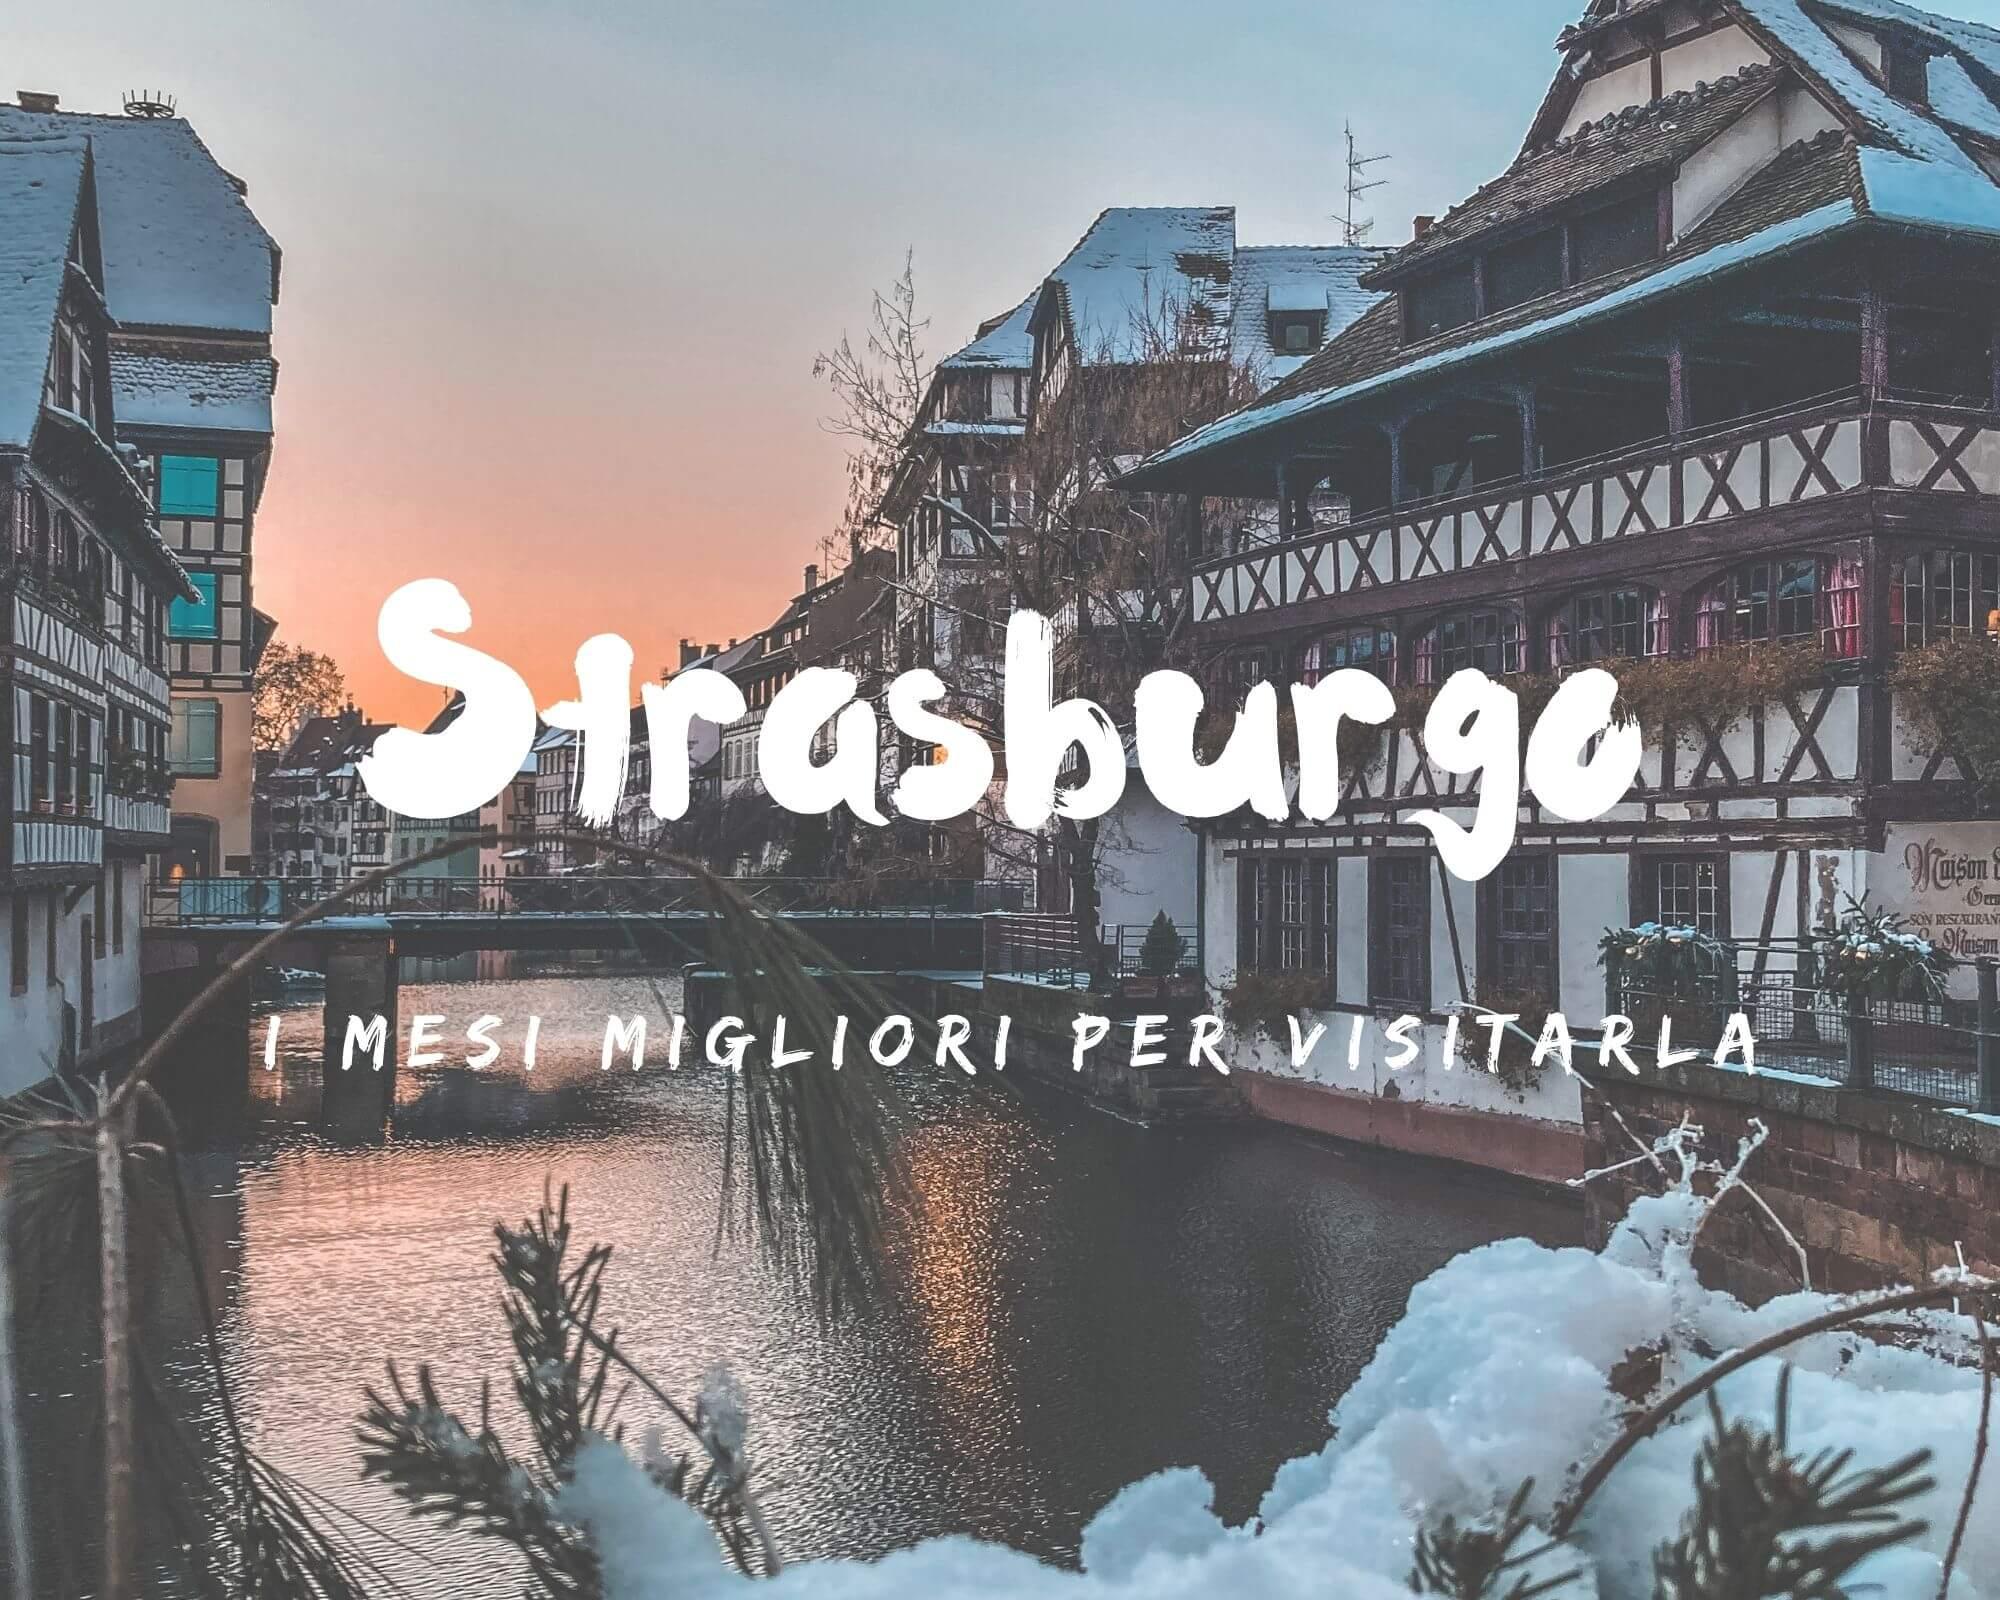 quando-andare-a-strasburgo